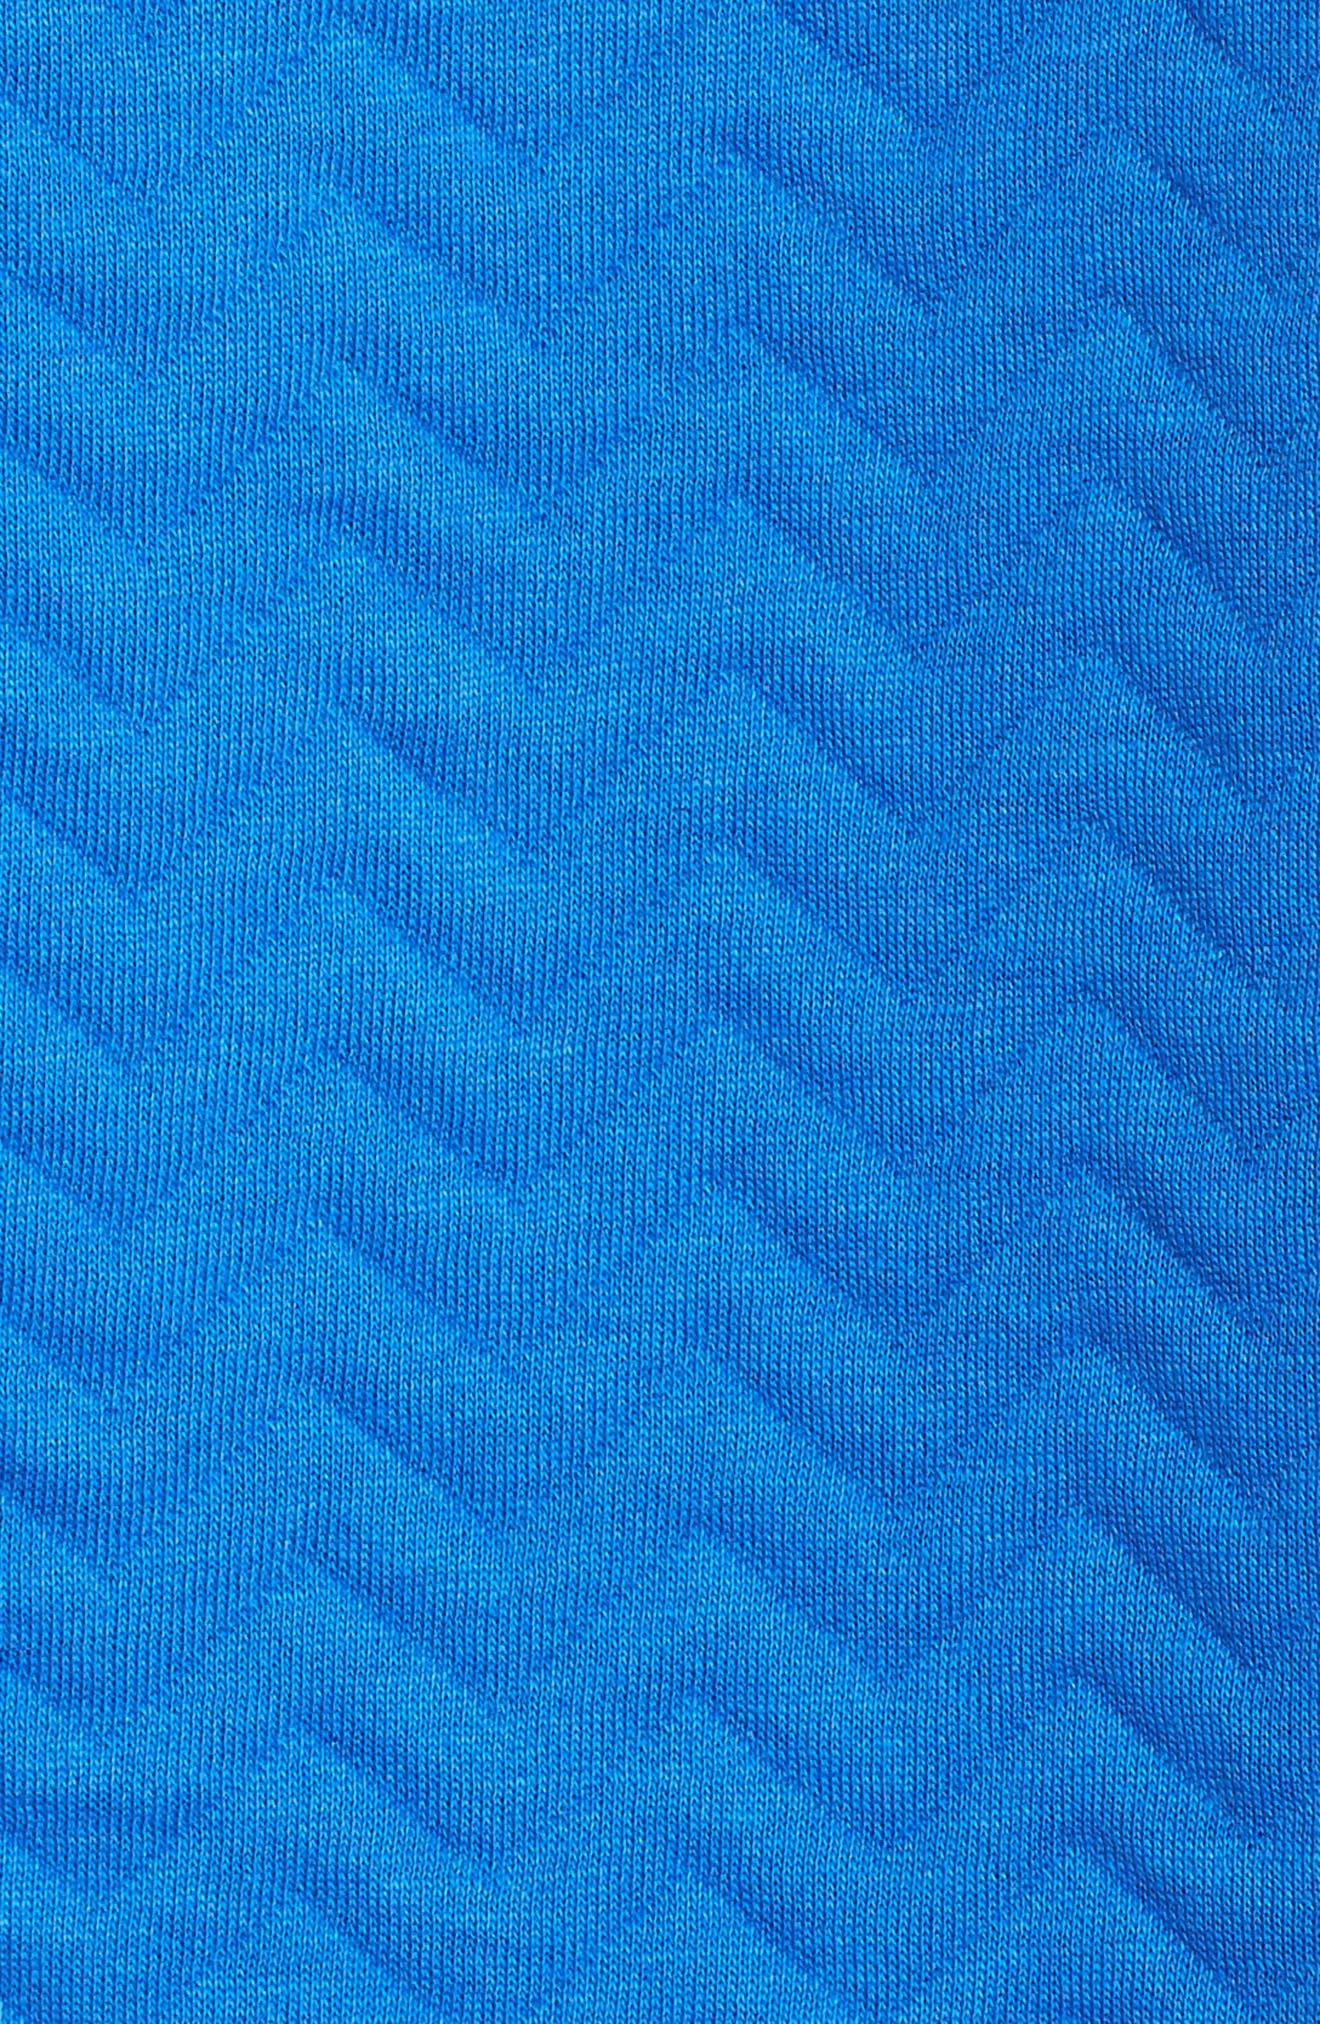 Alternate Image 5  - adidasOriginals 'Superstar' 3-Stripes Track Jacket